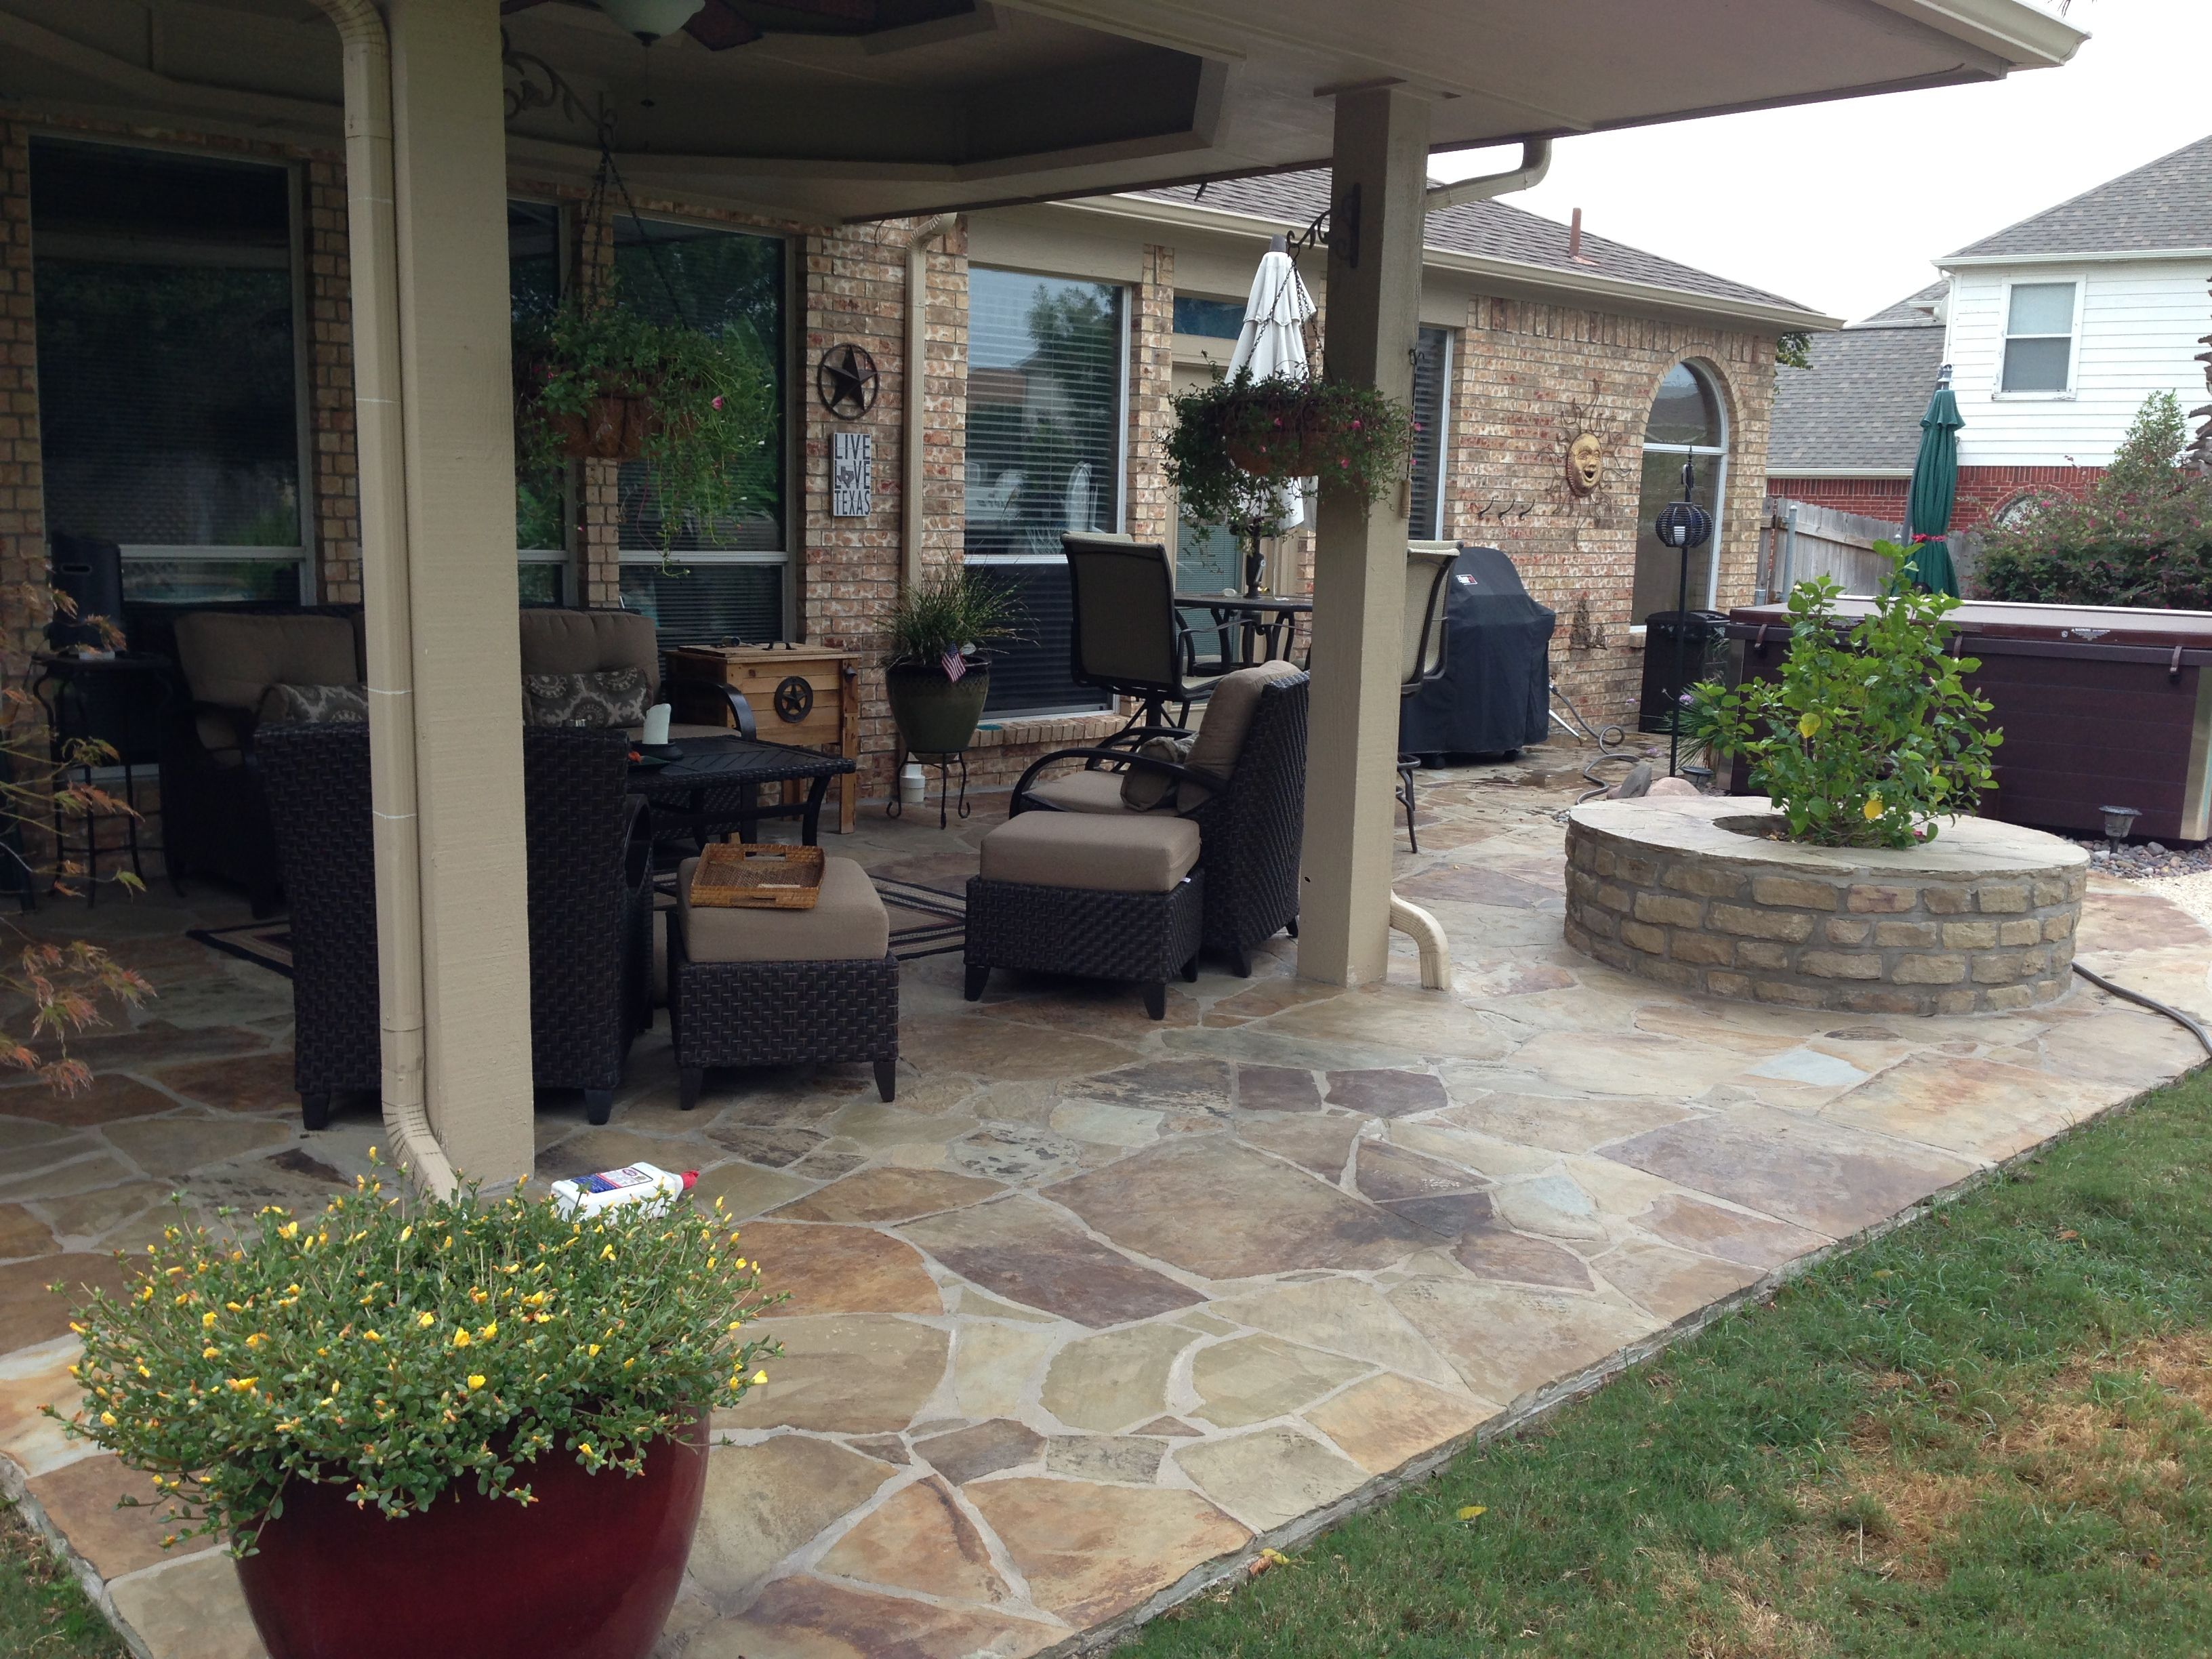 Flagstone patio | Patio stones, Patio pavers design, Patio on Small Backyard Stone Patio Ideas id=35842